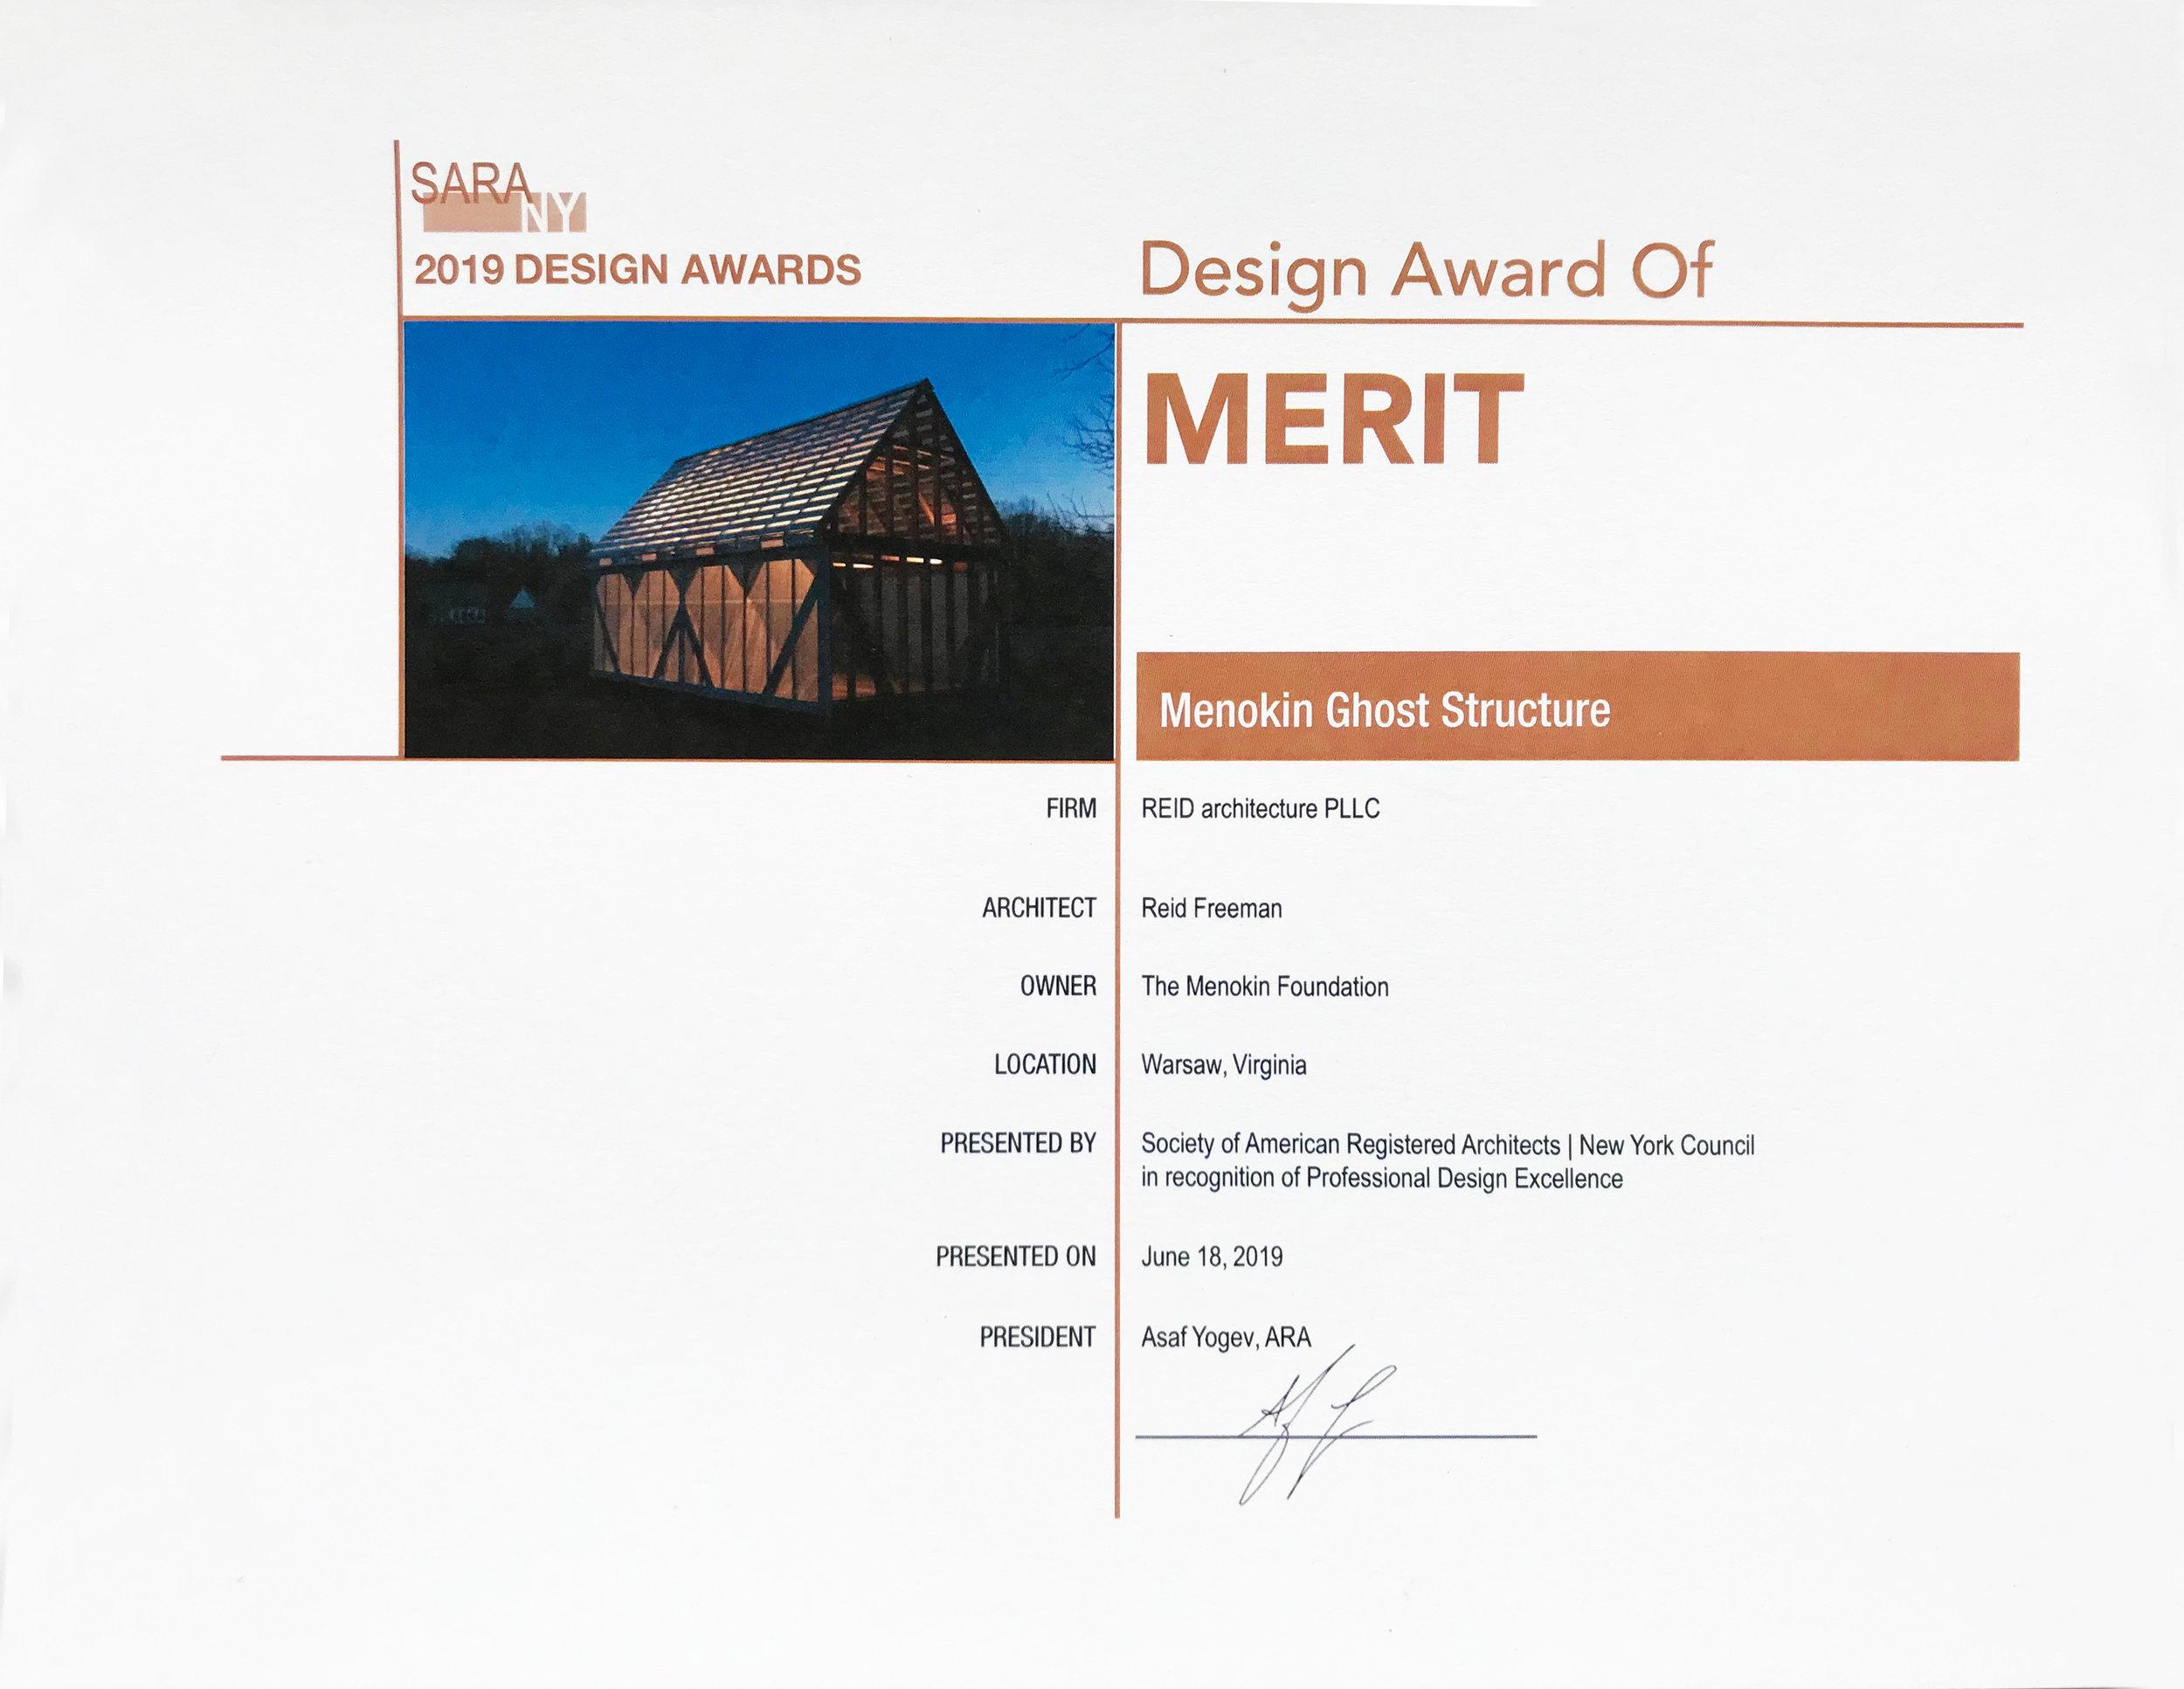 SARA NY Design Award of Merit 2019